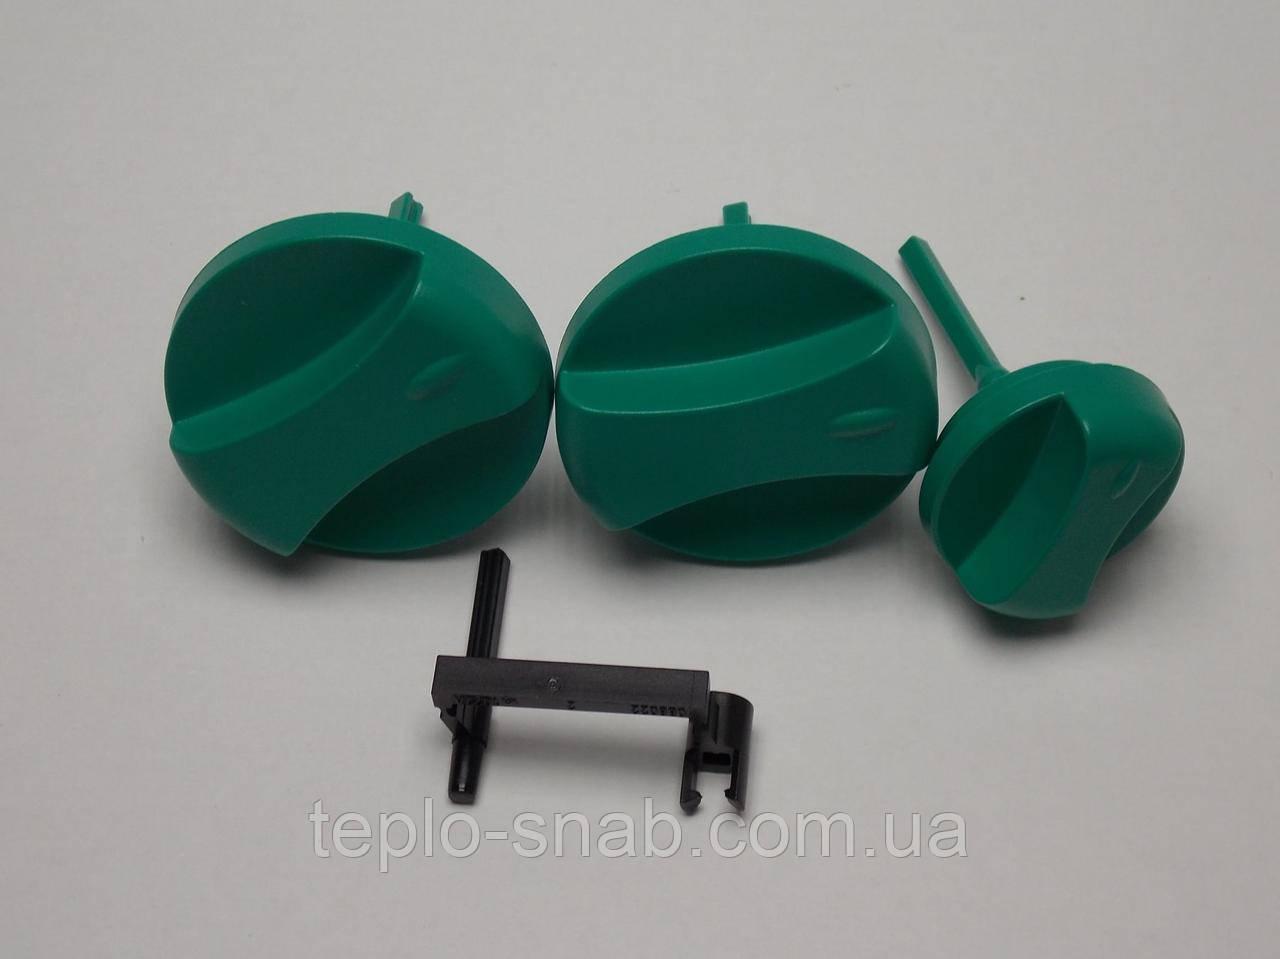 К-кт ручек (зелёных) управления/регулировки температуры газового котла Vaillant MAX Pro/Plus. 11